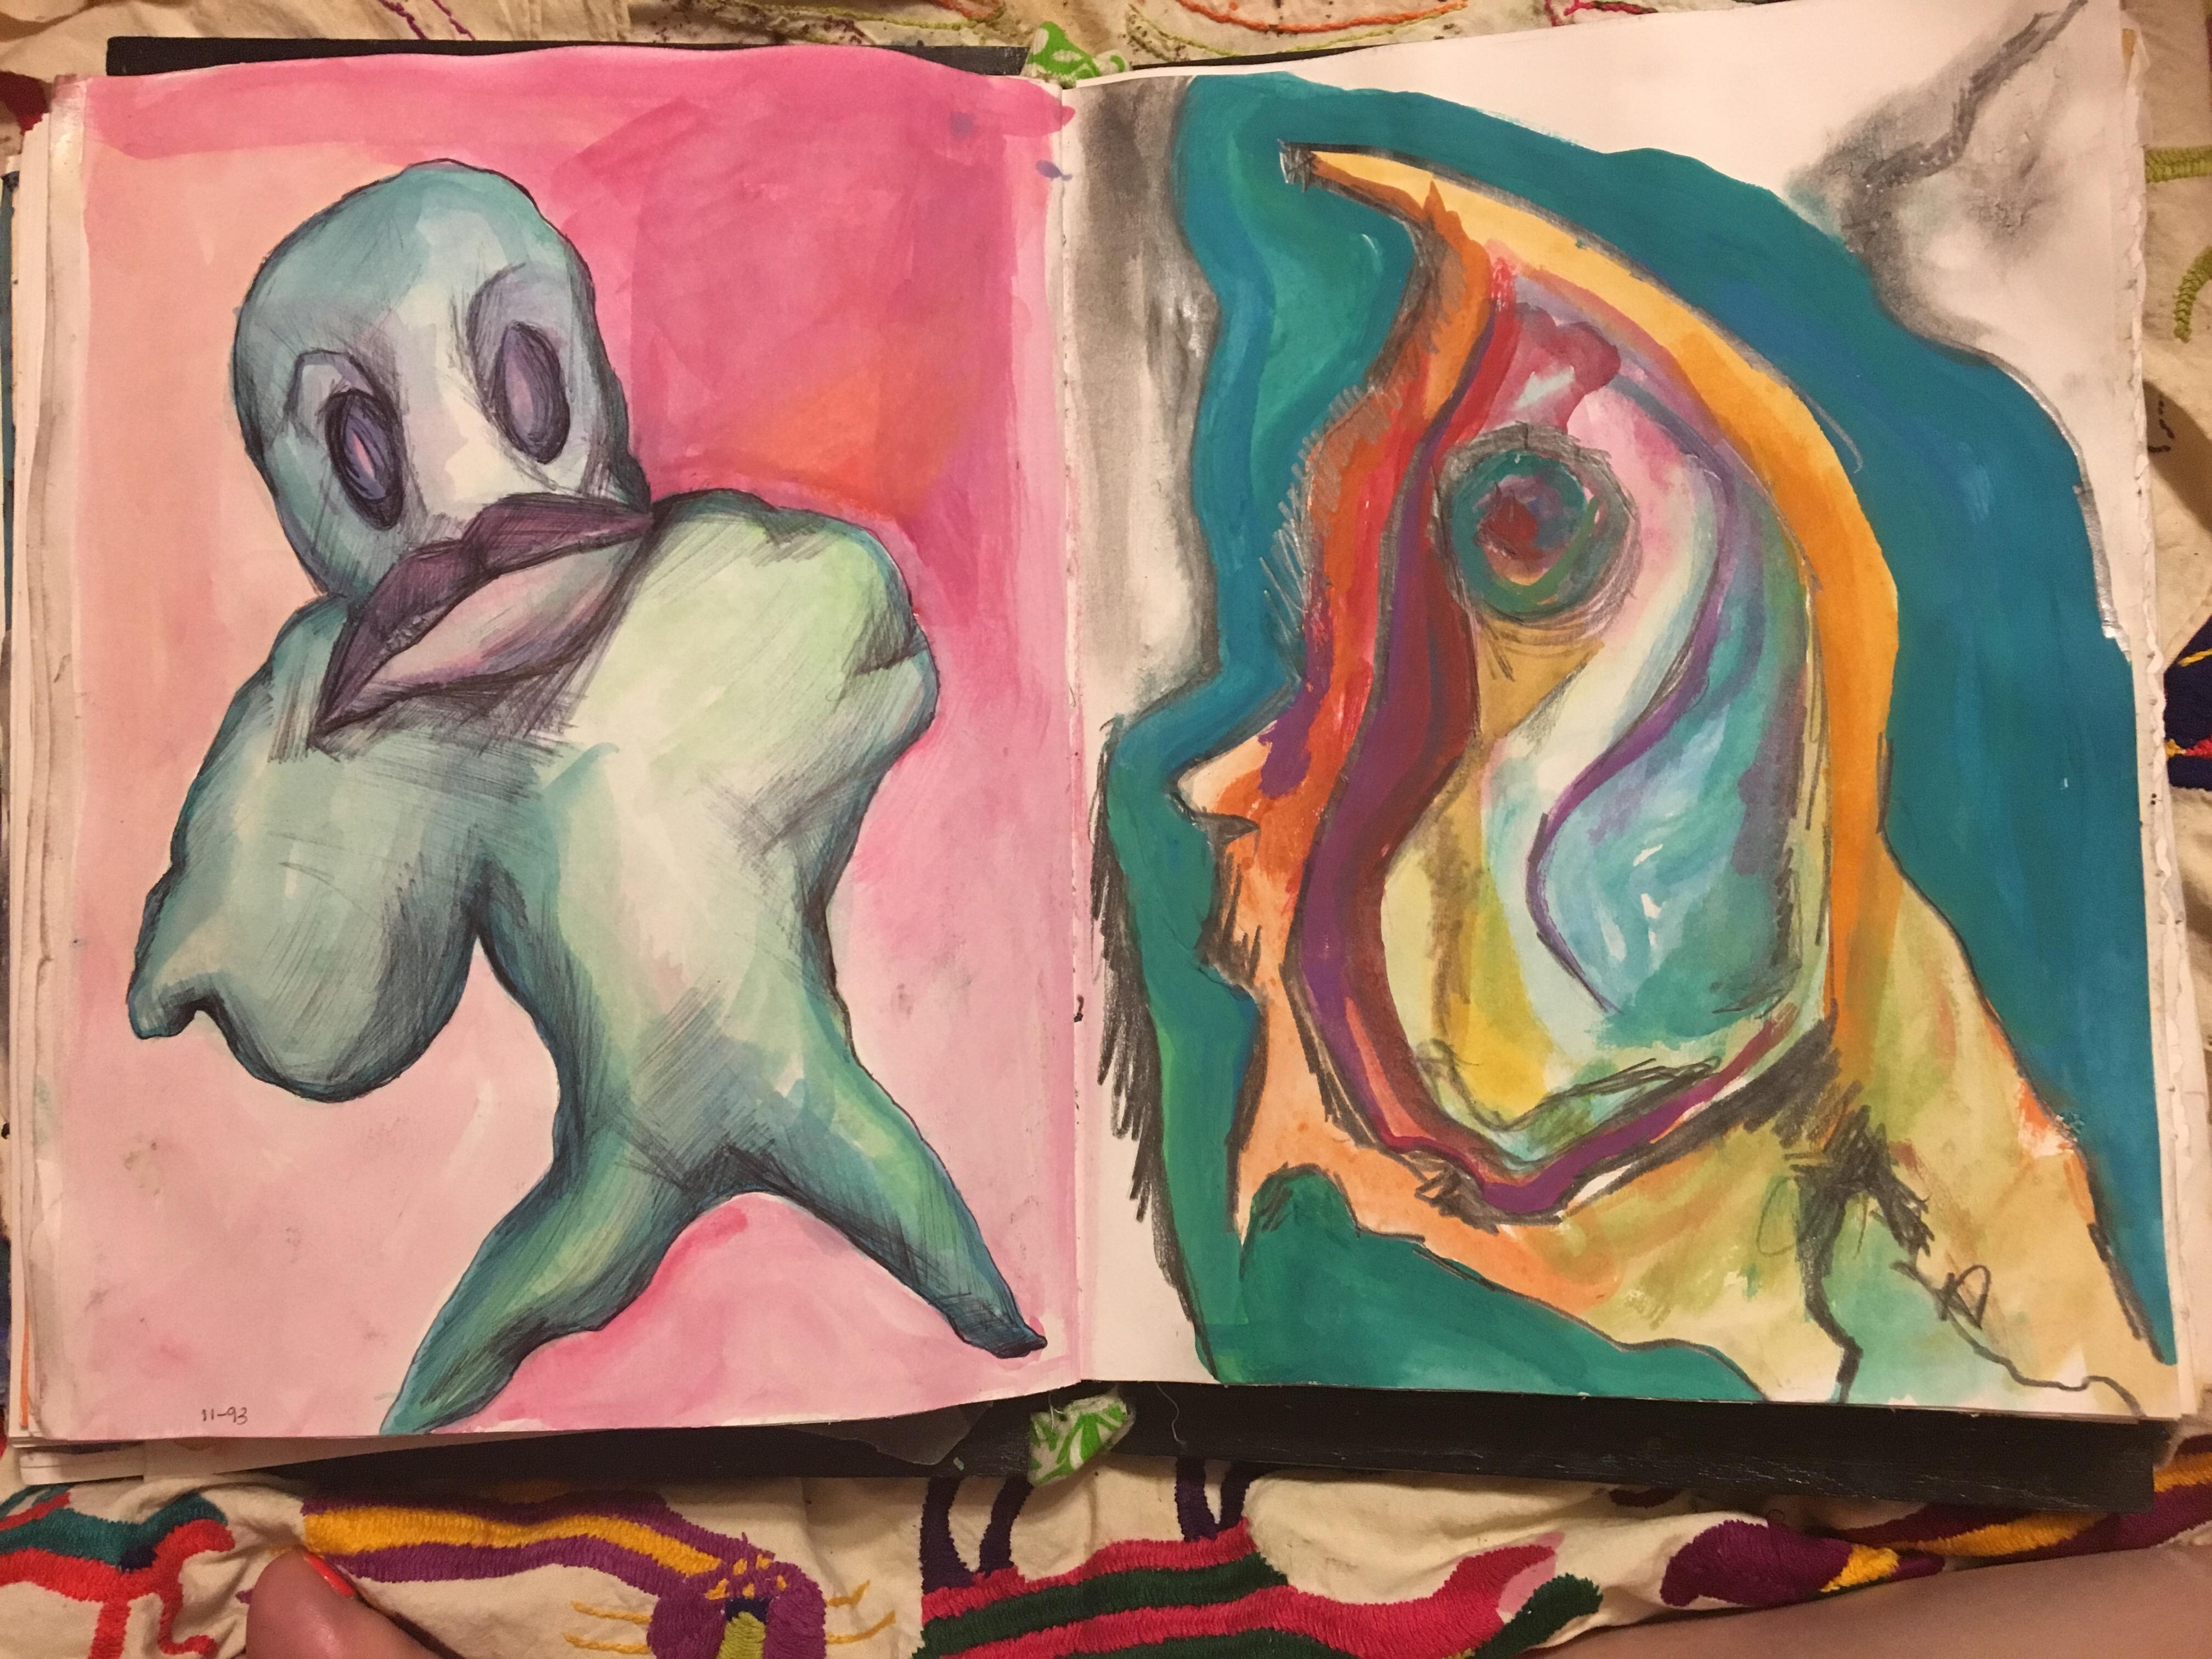 Angie Journals 1992